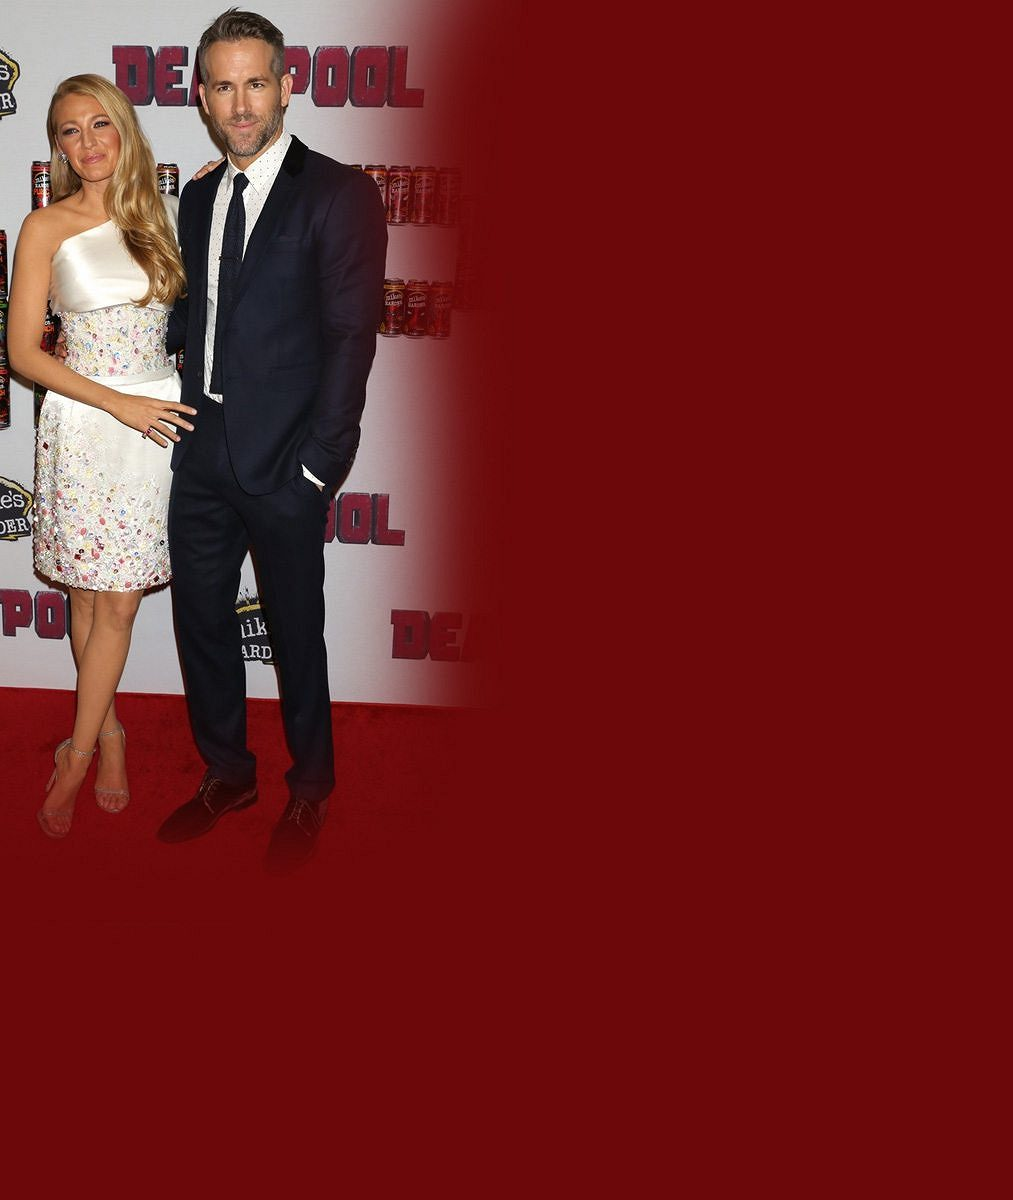 Chce zastínit svého slavnějšího manžela? Krásná herečka zazářila v šatech s obrovským výstřihem bez podprsenky